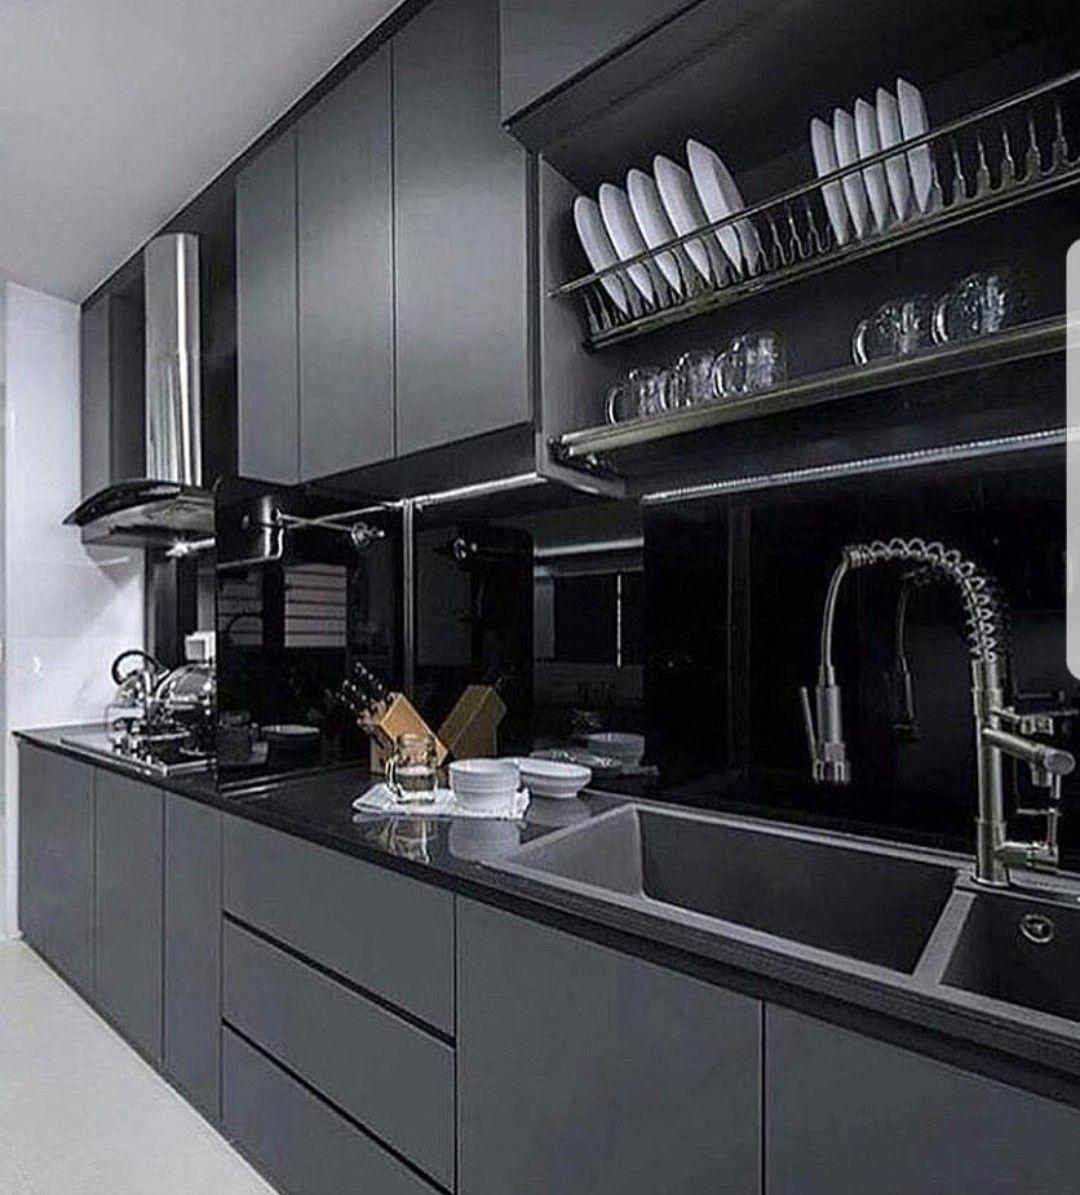 Innenarchitektur für küchenschrank pin von christine krönert auf wohnen handwerklich u tolle ideen in